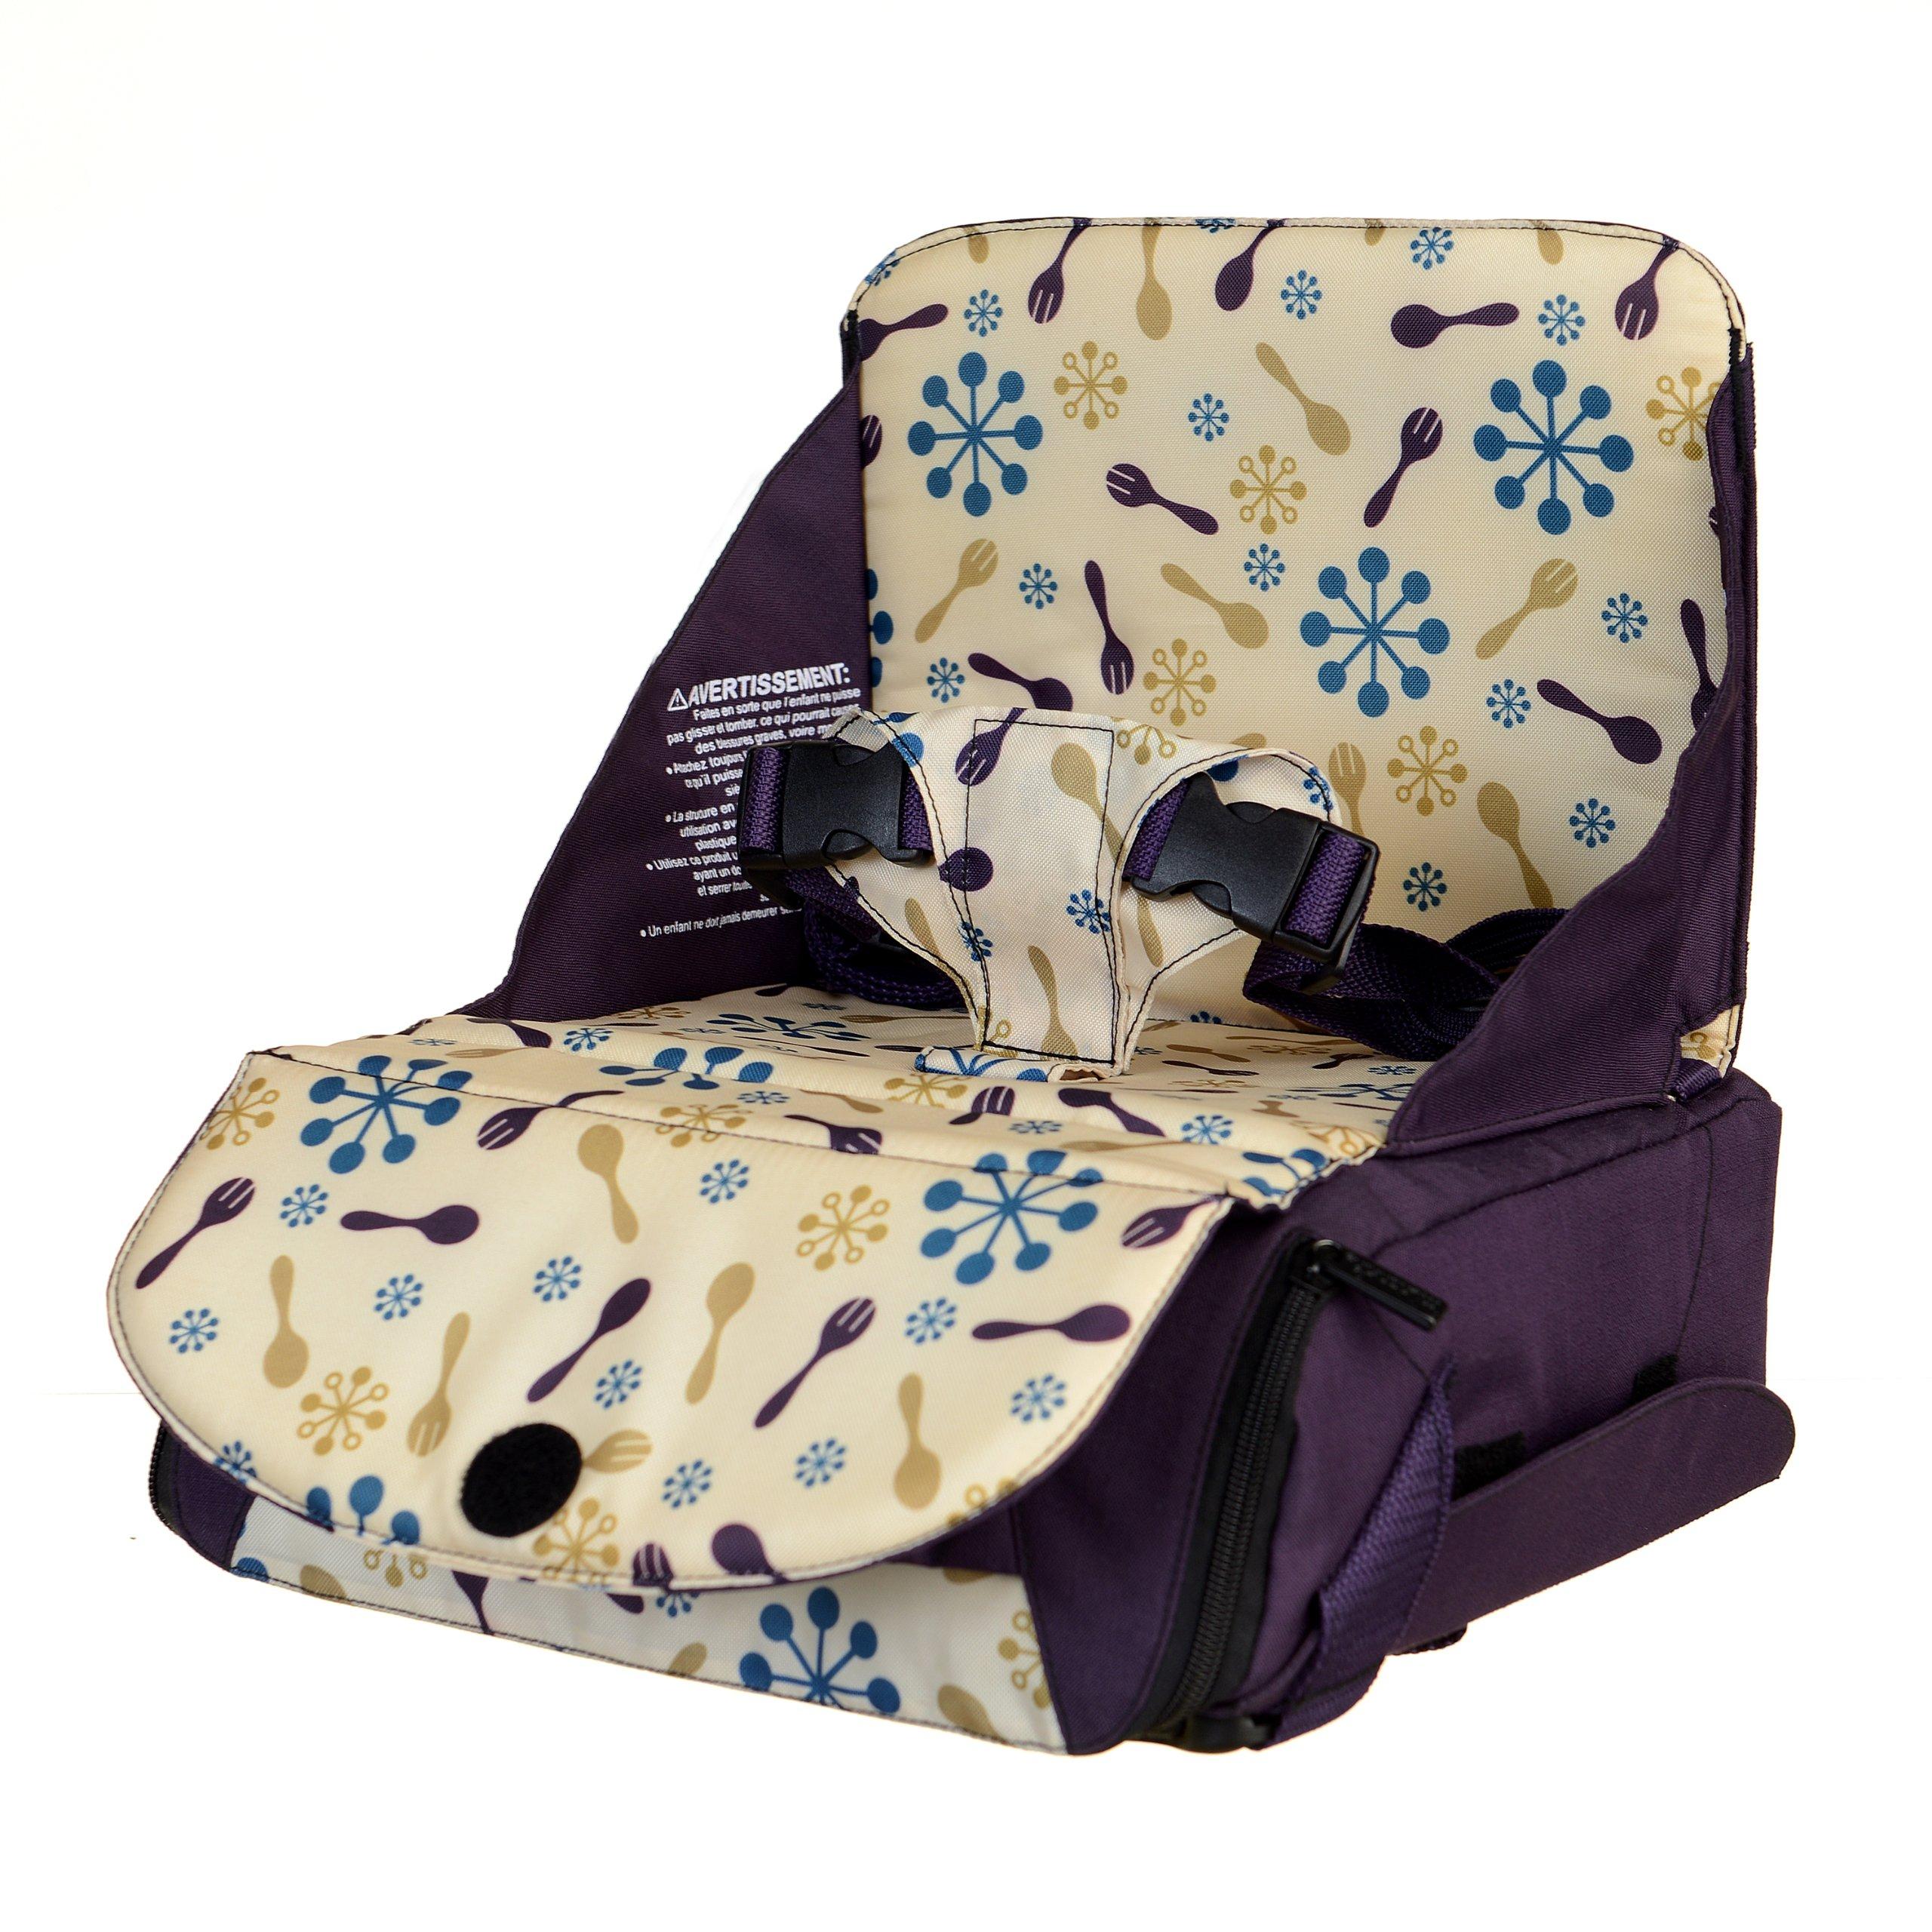 munchkin 满趣健Travel Booster Seat 宝宝便携安全座椅(带储物功能)一站式海淘,海淘花专业海外代购网站--进口 海淘 正品 转运 价格